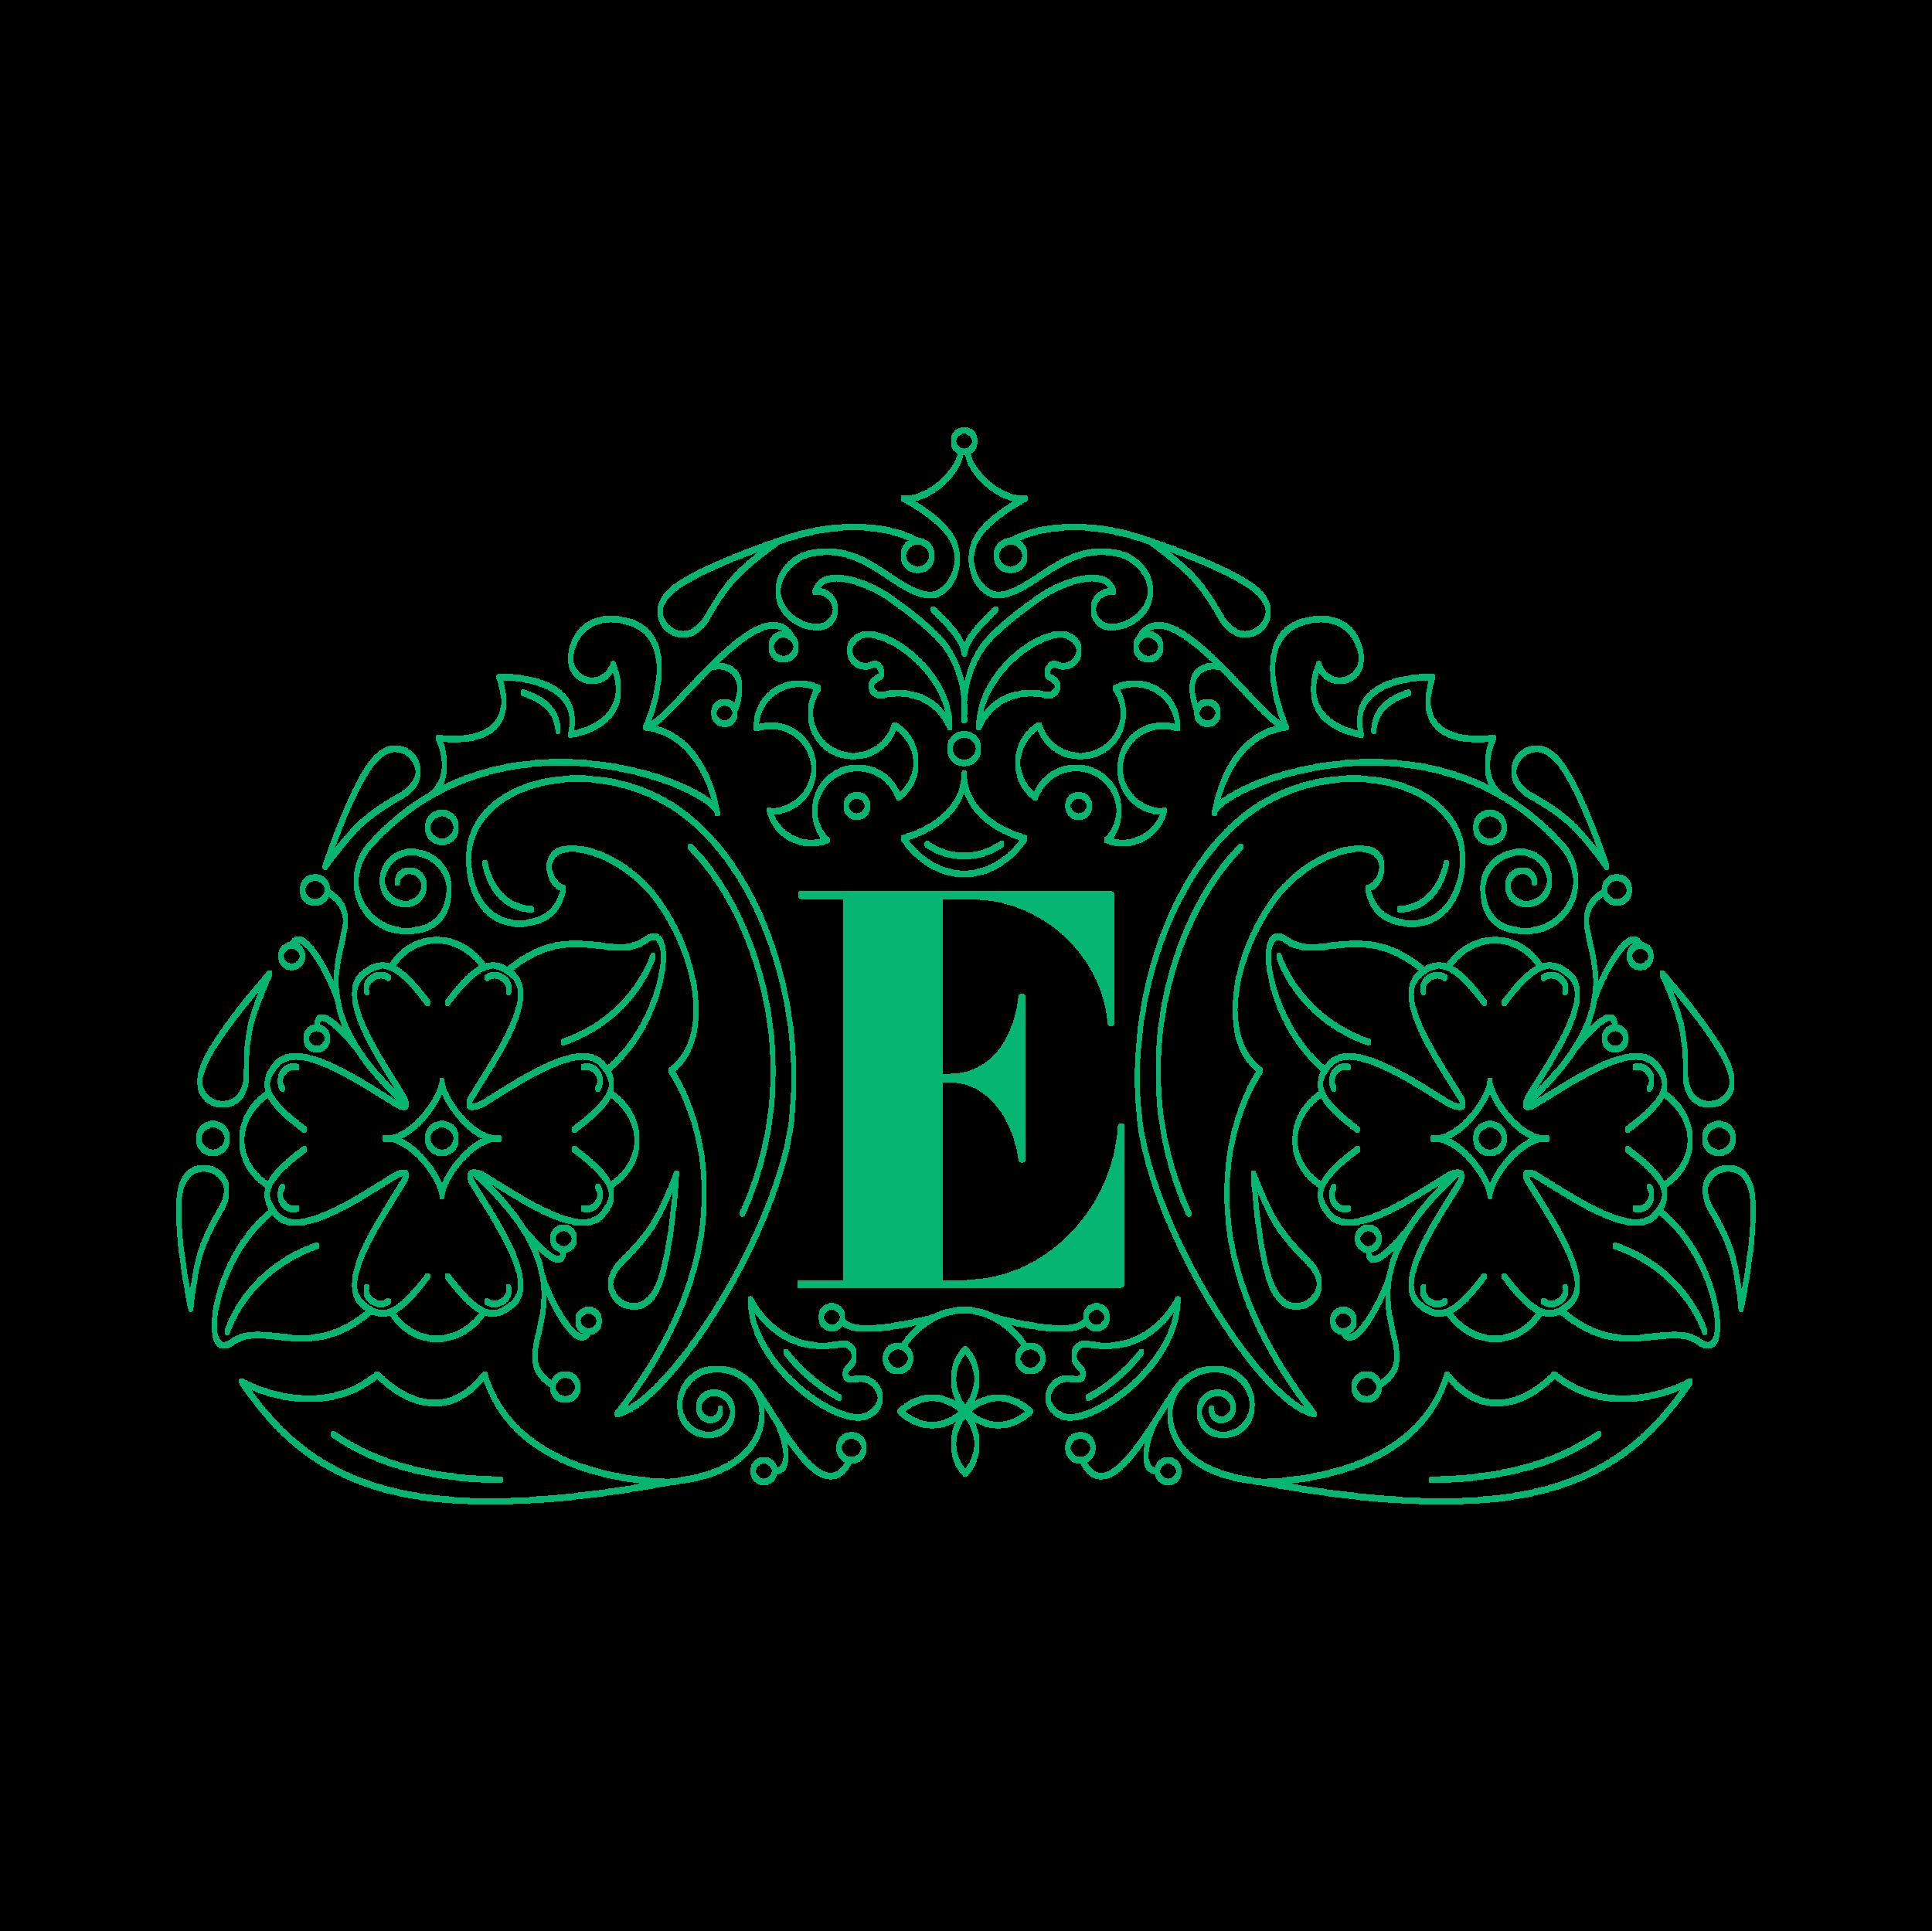 The final crown logo.